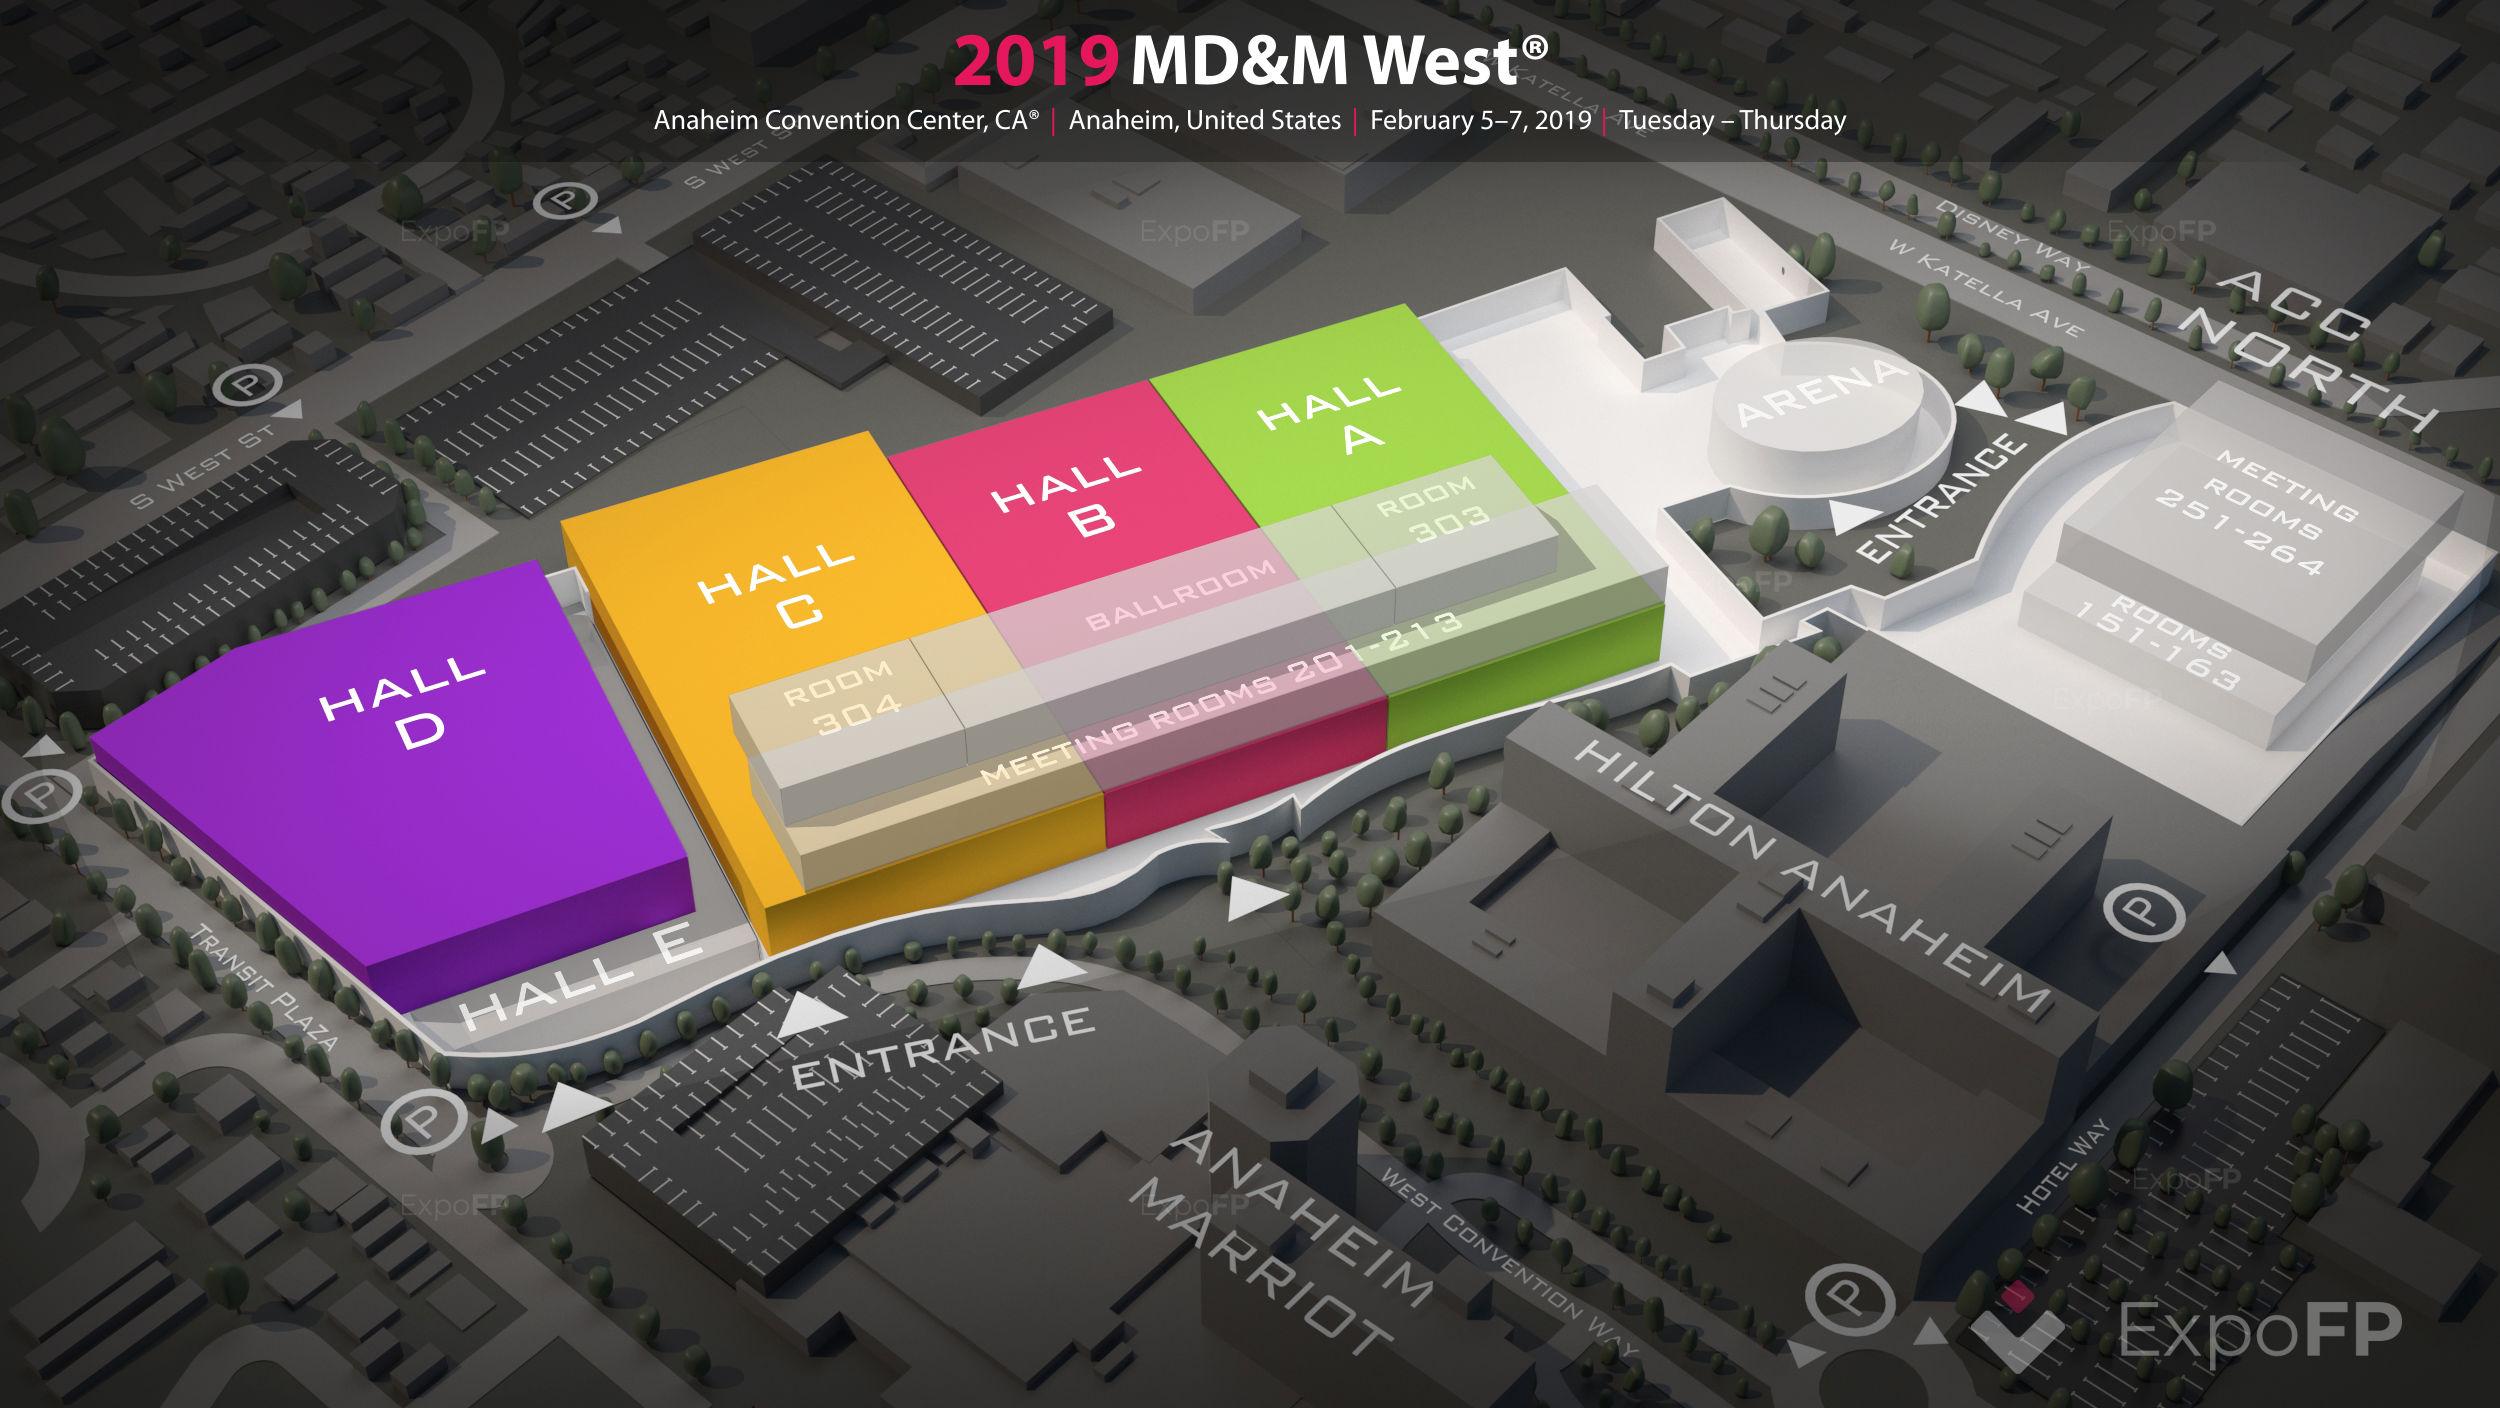 MD&M West 2019 in Anaheim Convention Center